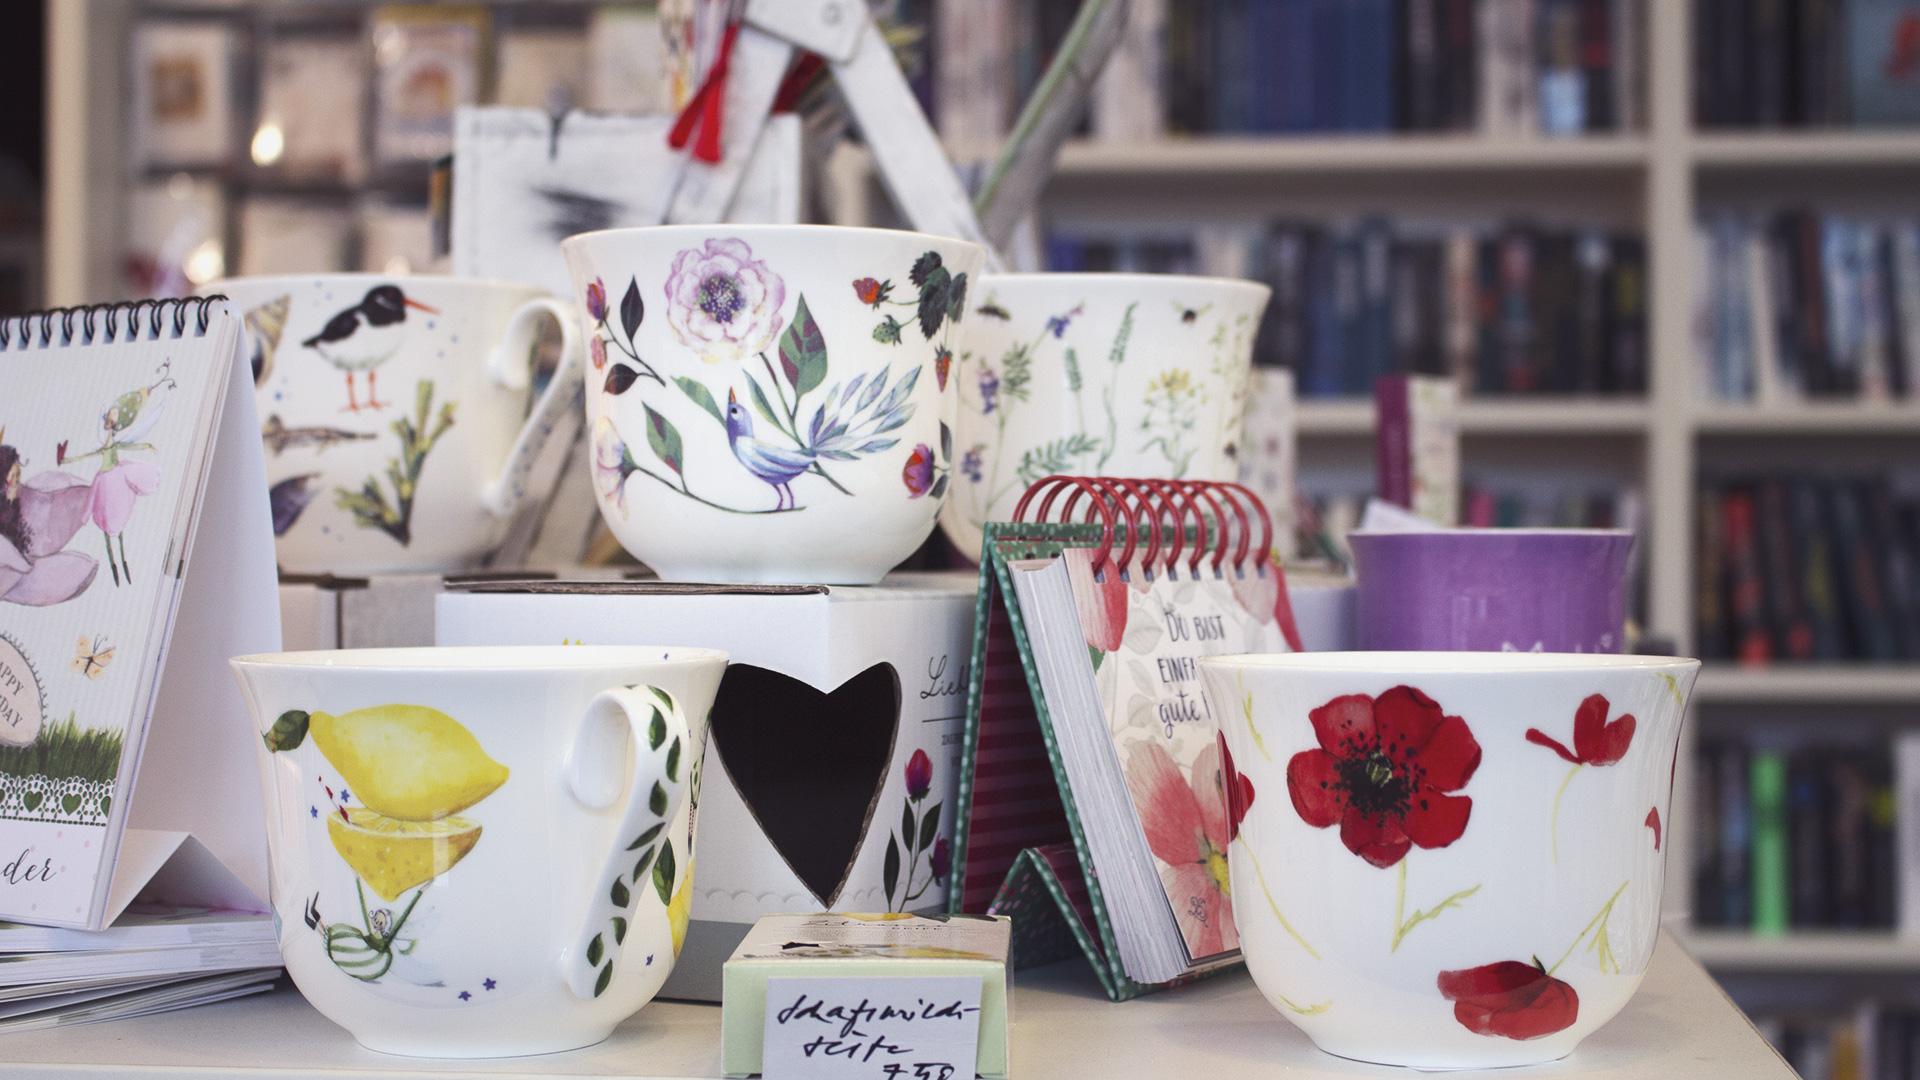 feine Porzellantassen, die mit Blumenmotiven bemalt sind